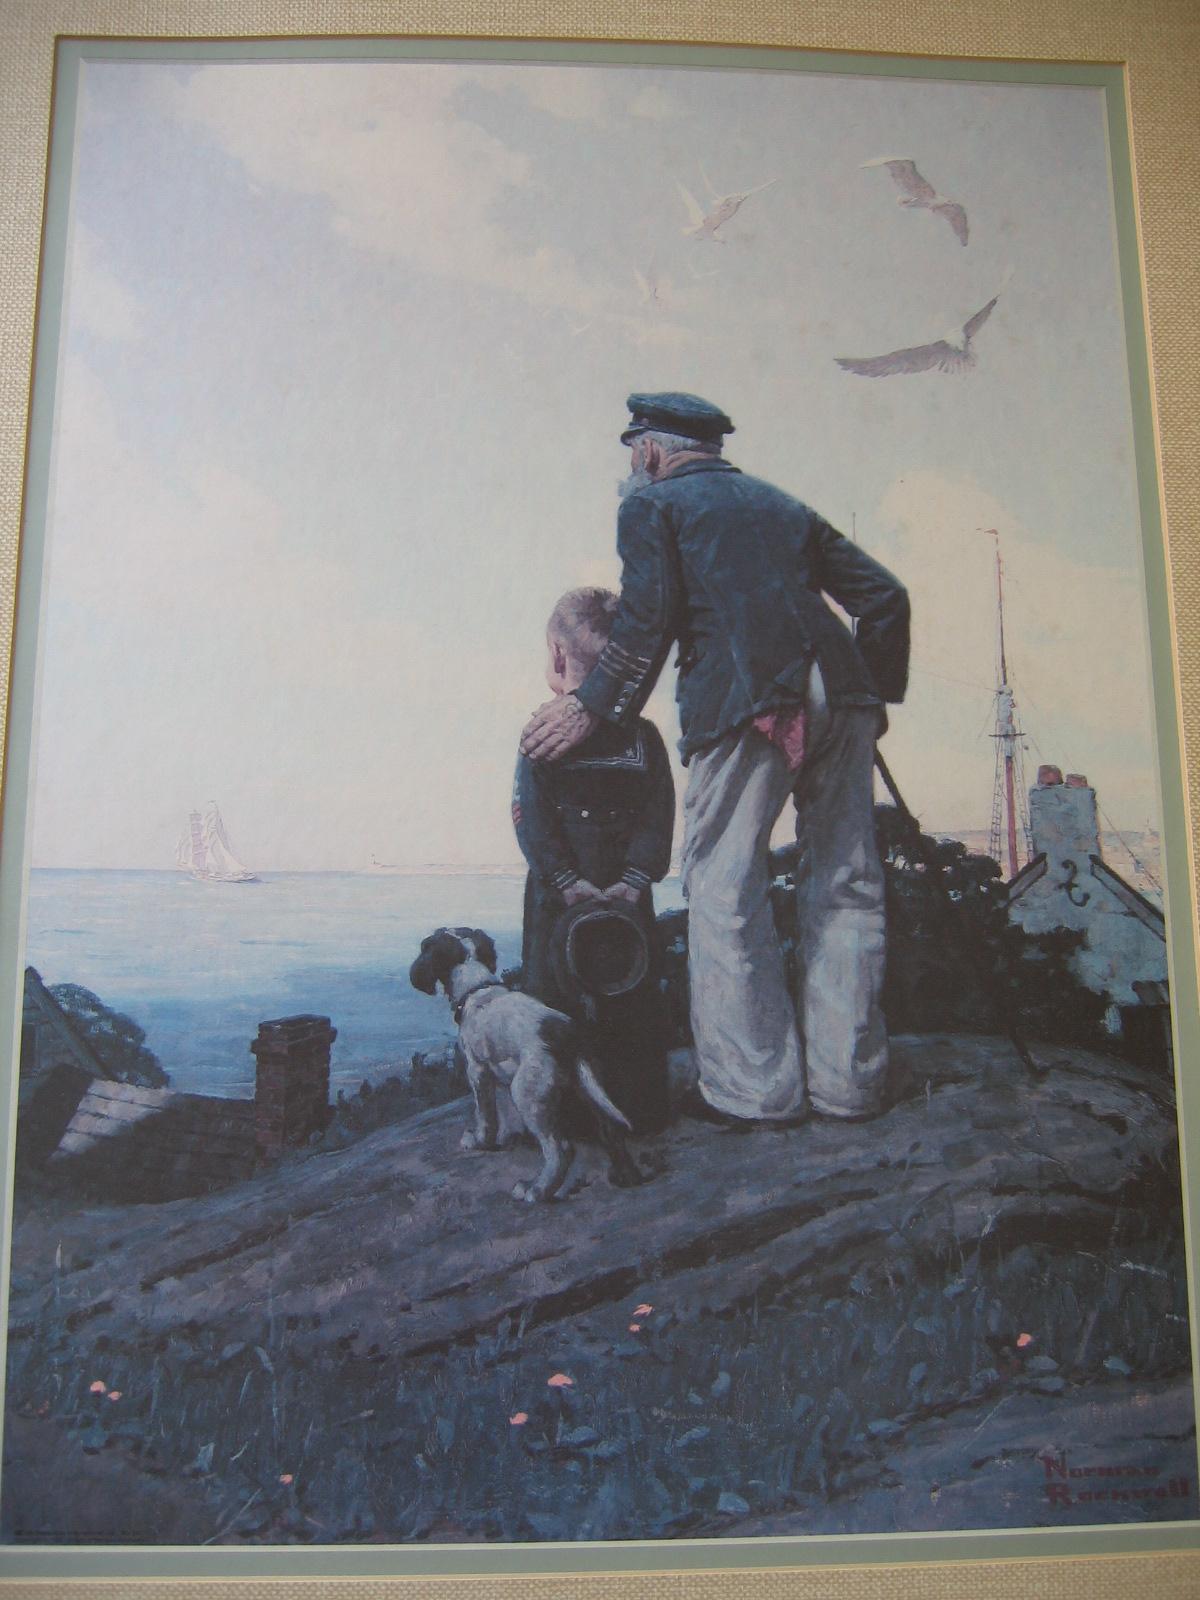 Vintage 1920 s norman rockwell framed print item 431 for sale